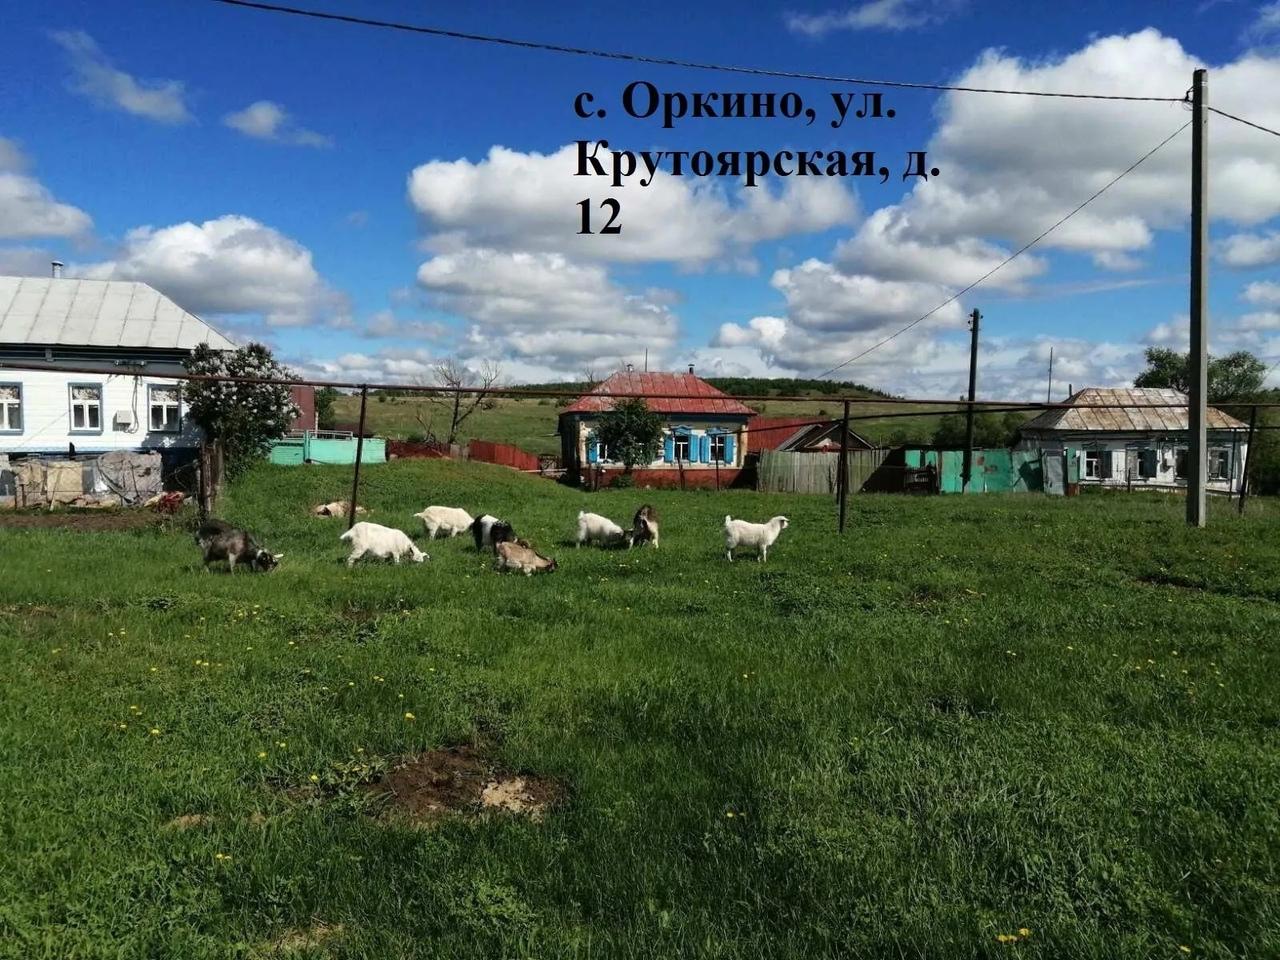 Административная комиссия выявила факты бесконтрольного выпаса сельскохозяйственных животных на территории Новозахаркинского муниципального образования